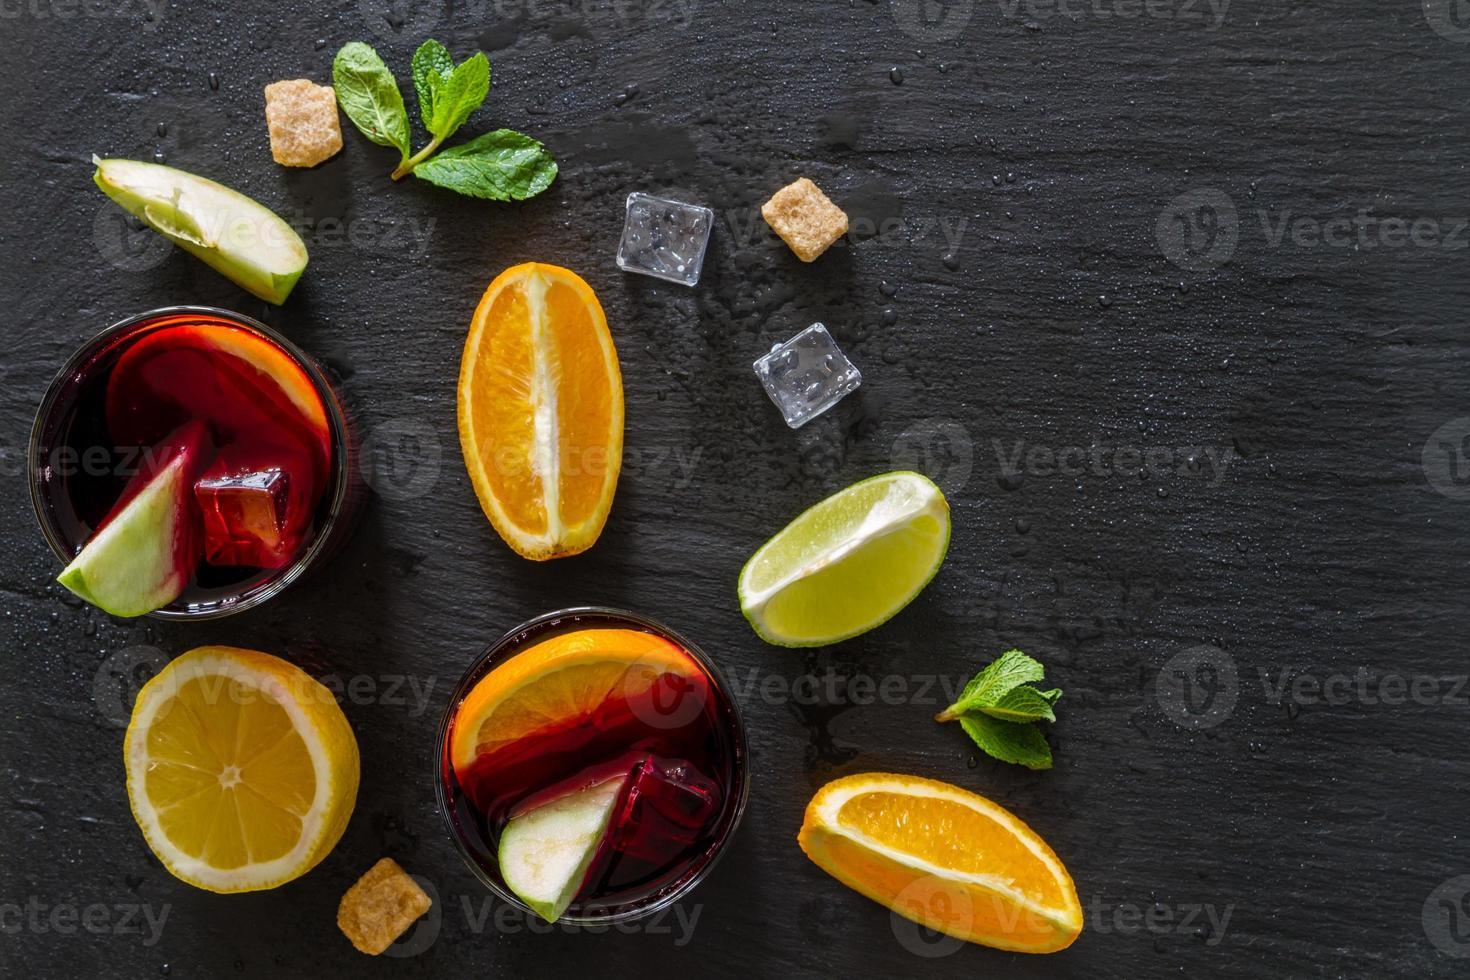 ingredientes da sangria - fatias de laranja, limão e limão, vinho foto